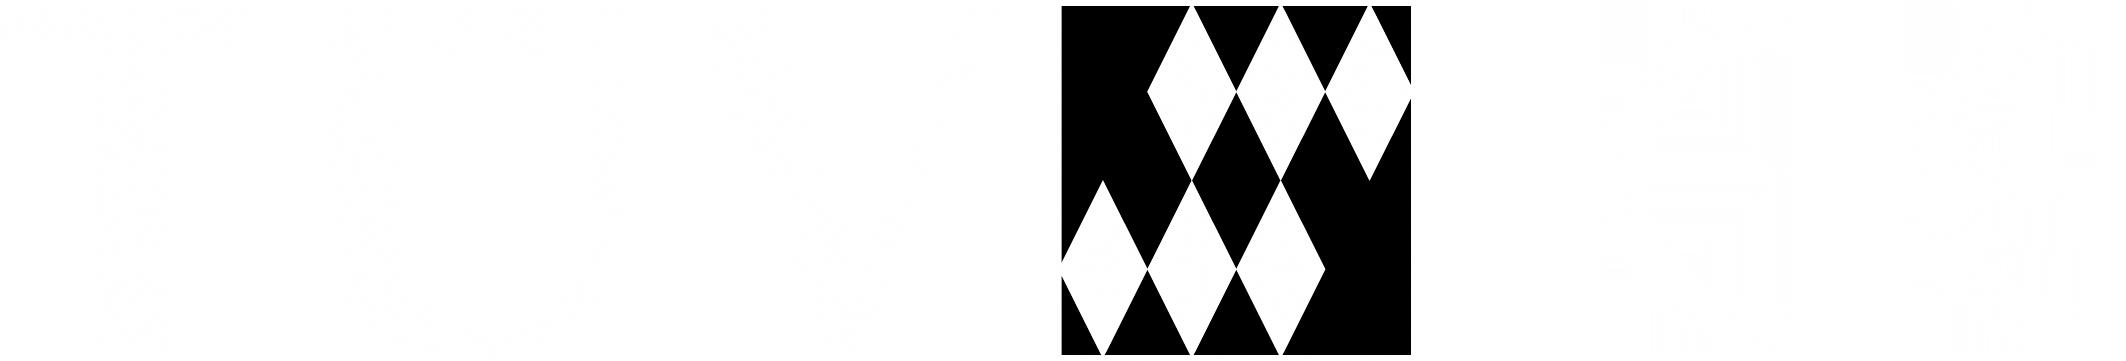 tuv-ce-cbw_logos_grey-bg